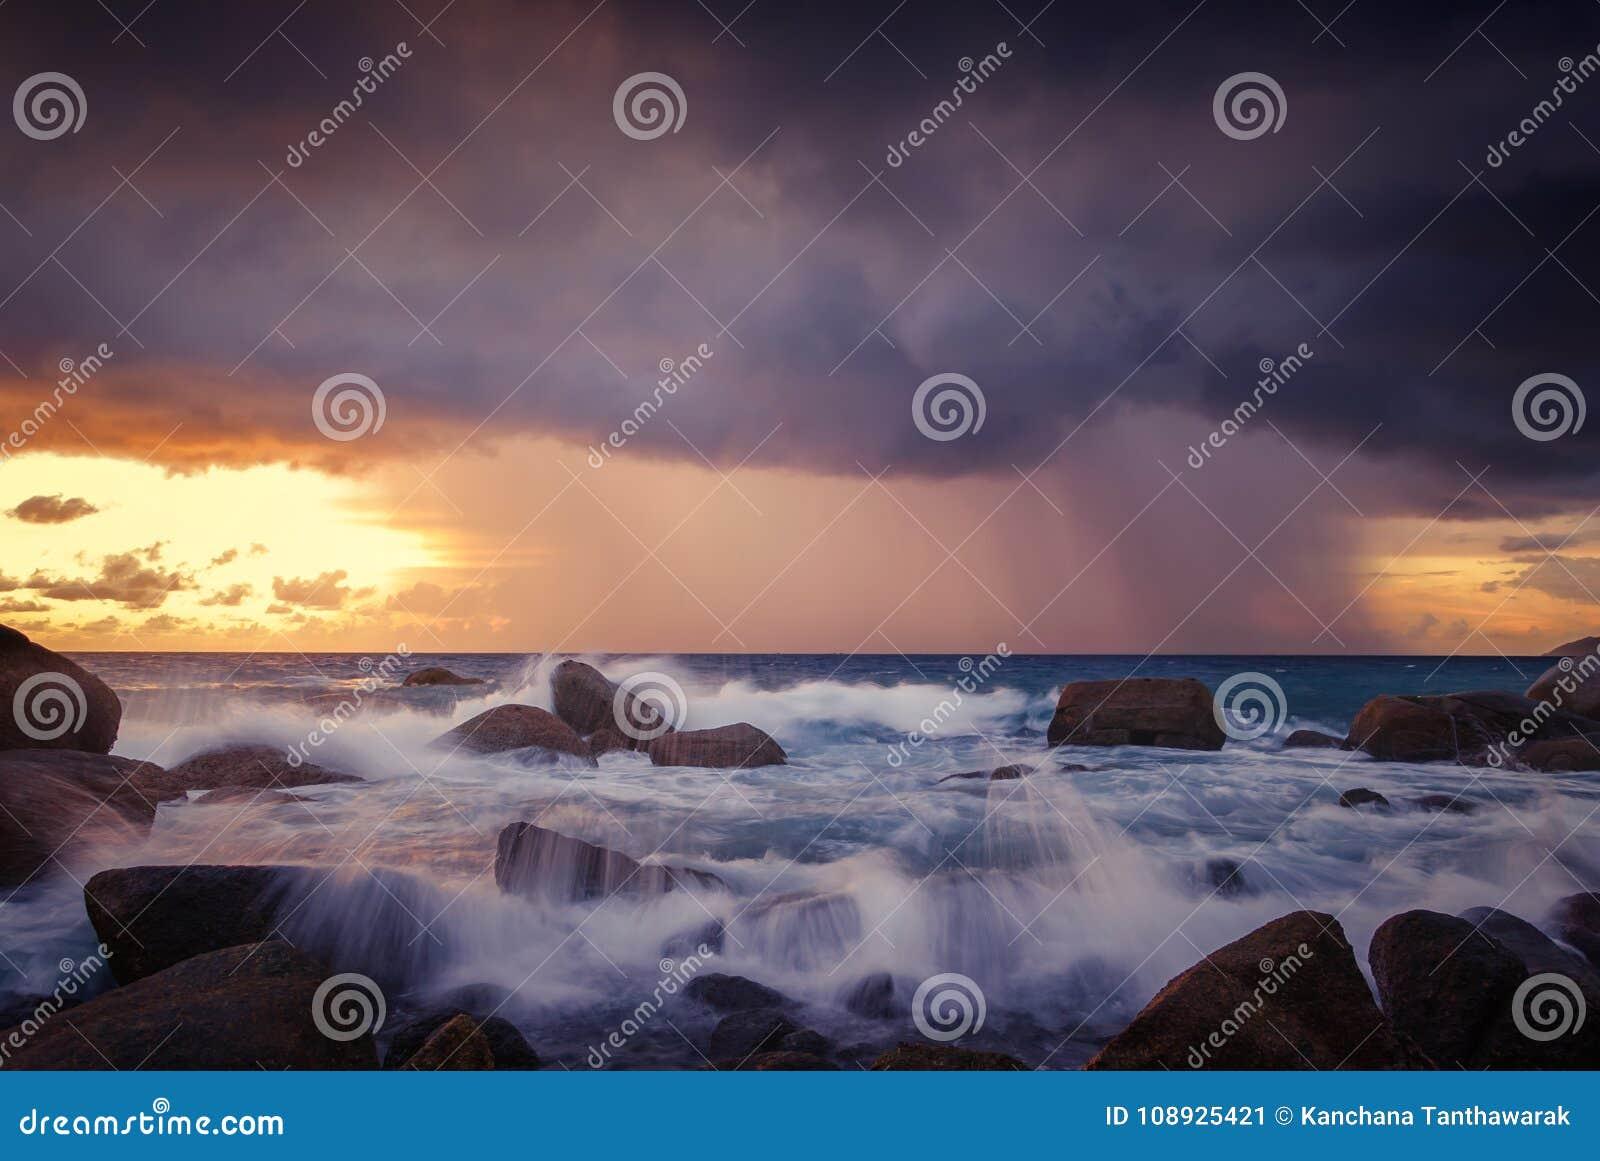 Seascape av vågen och strom vaggar på, lång exponering på solnedgången på